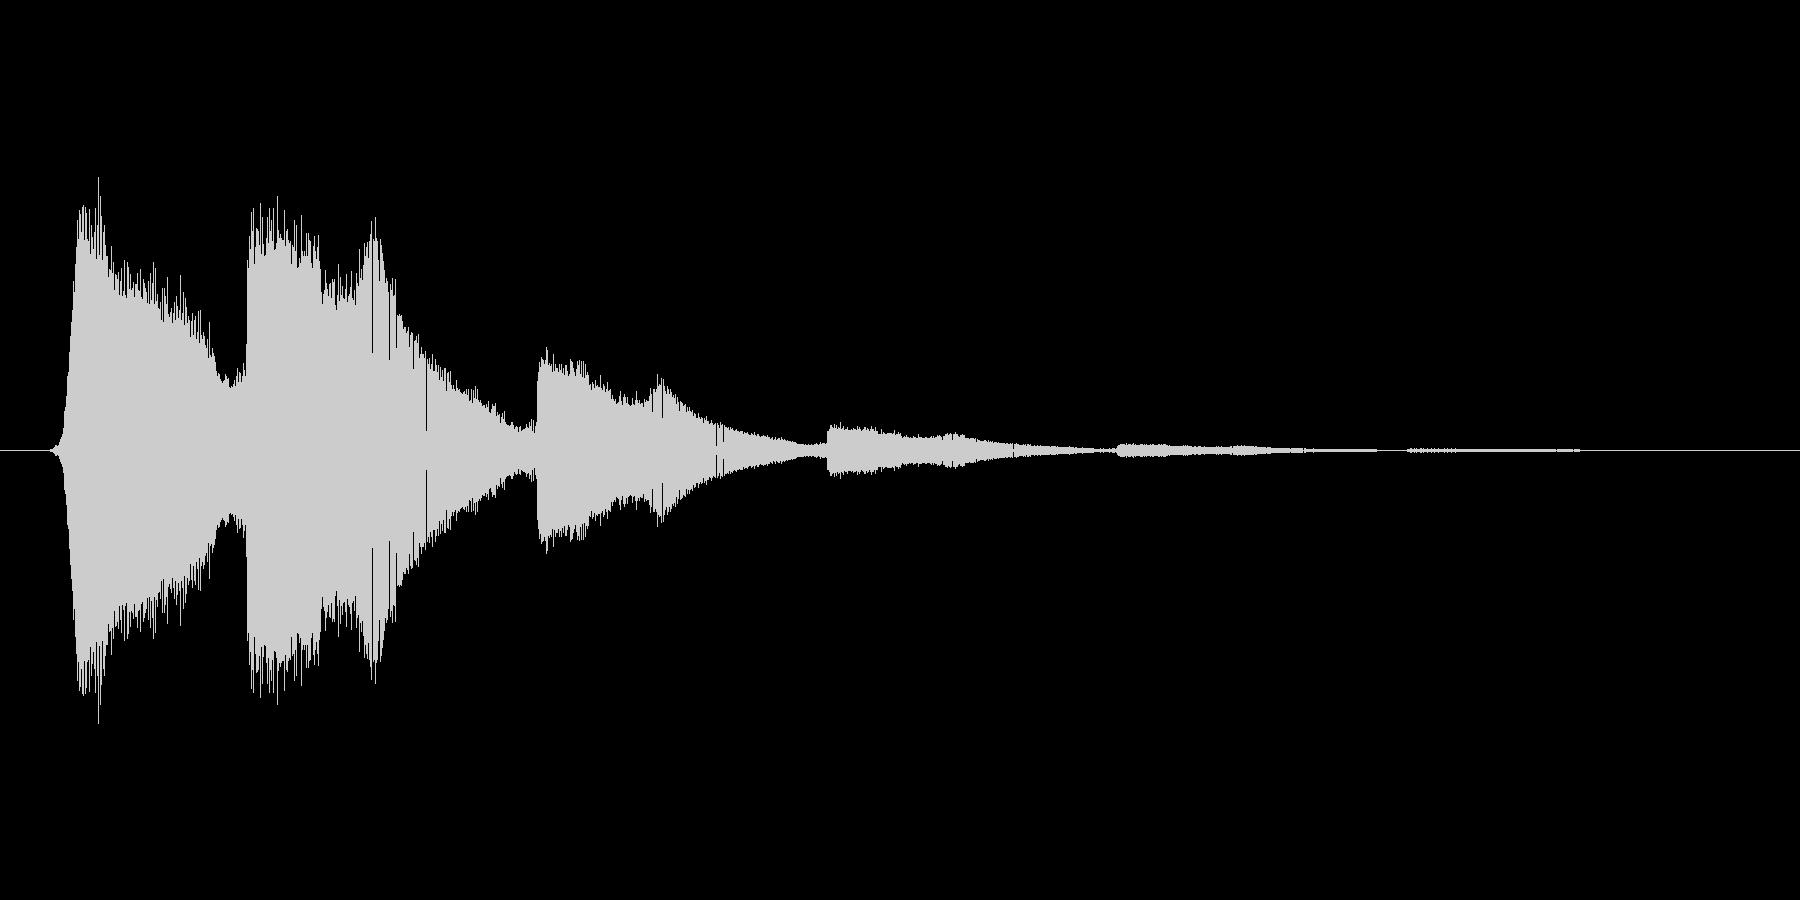 ファミコン風効果音 キャンセル系 03の未再生の波形